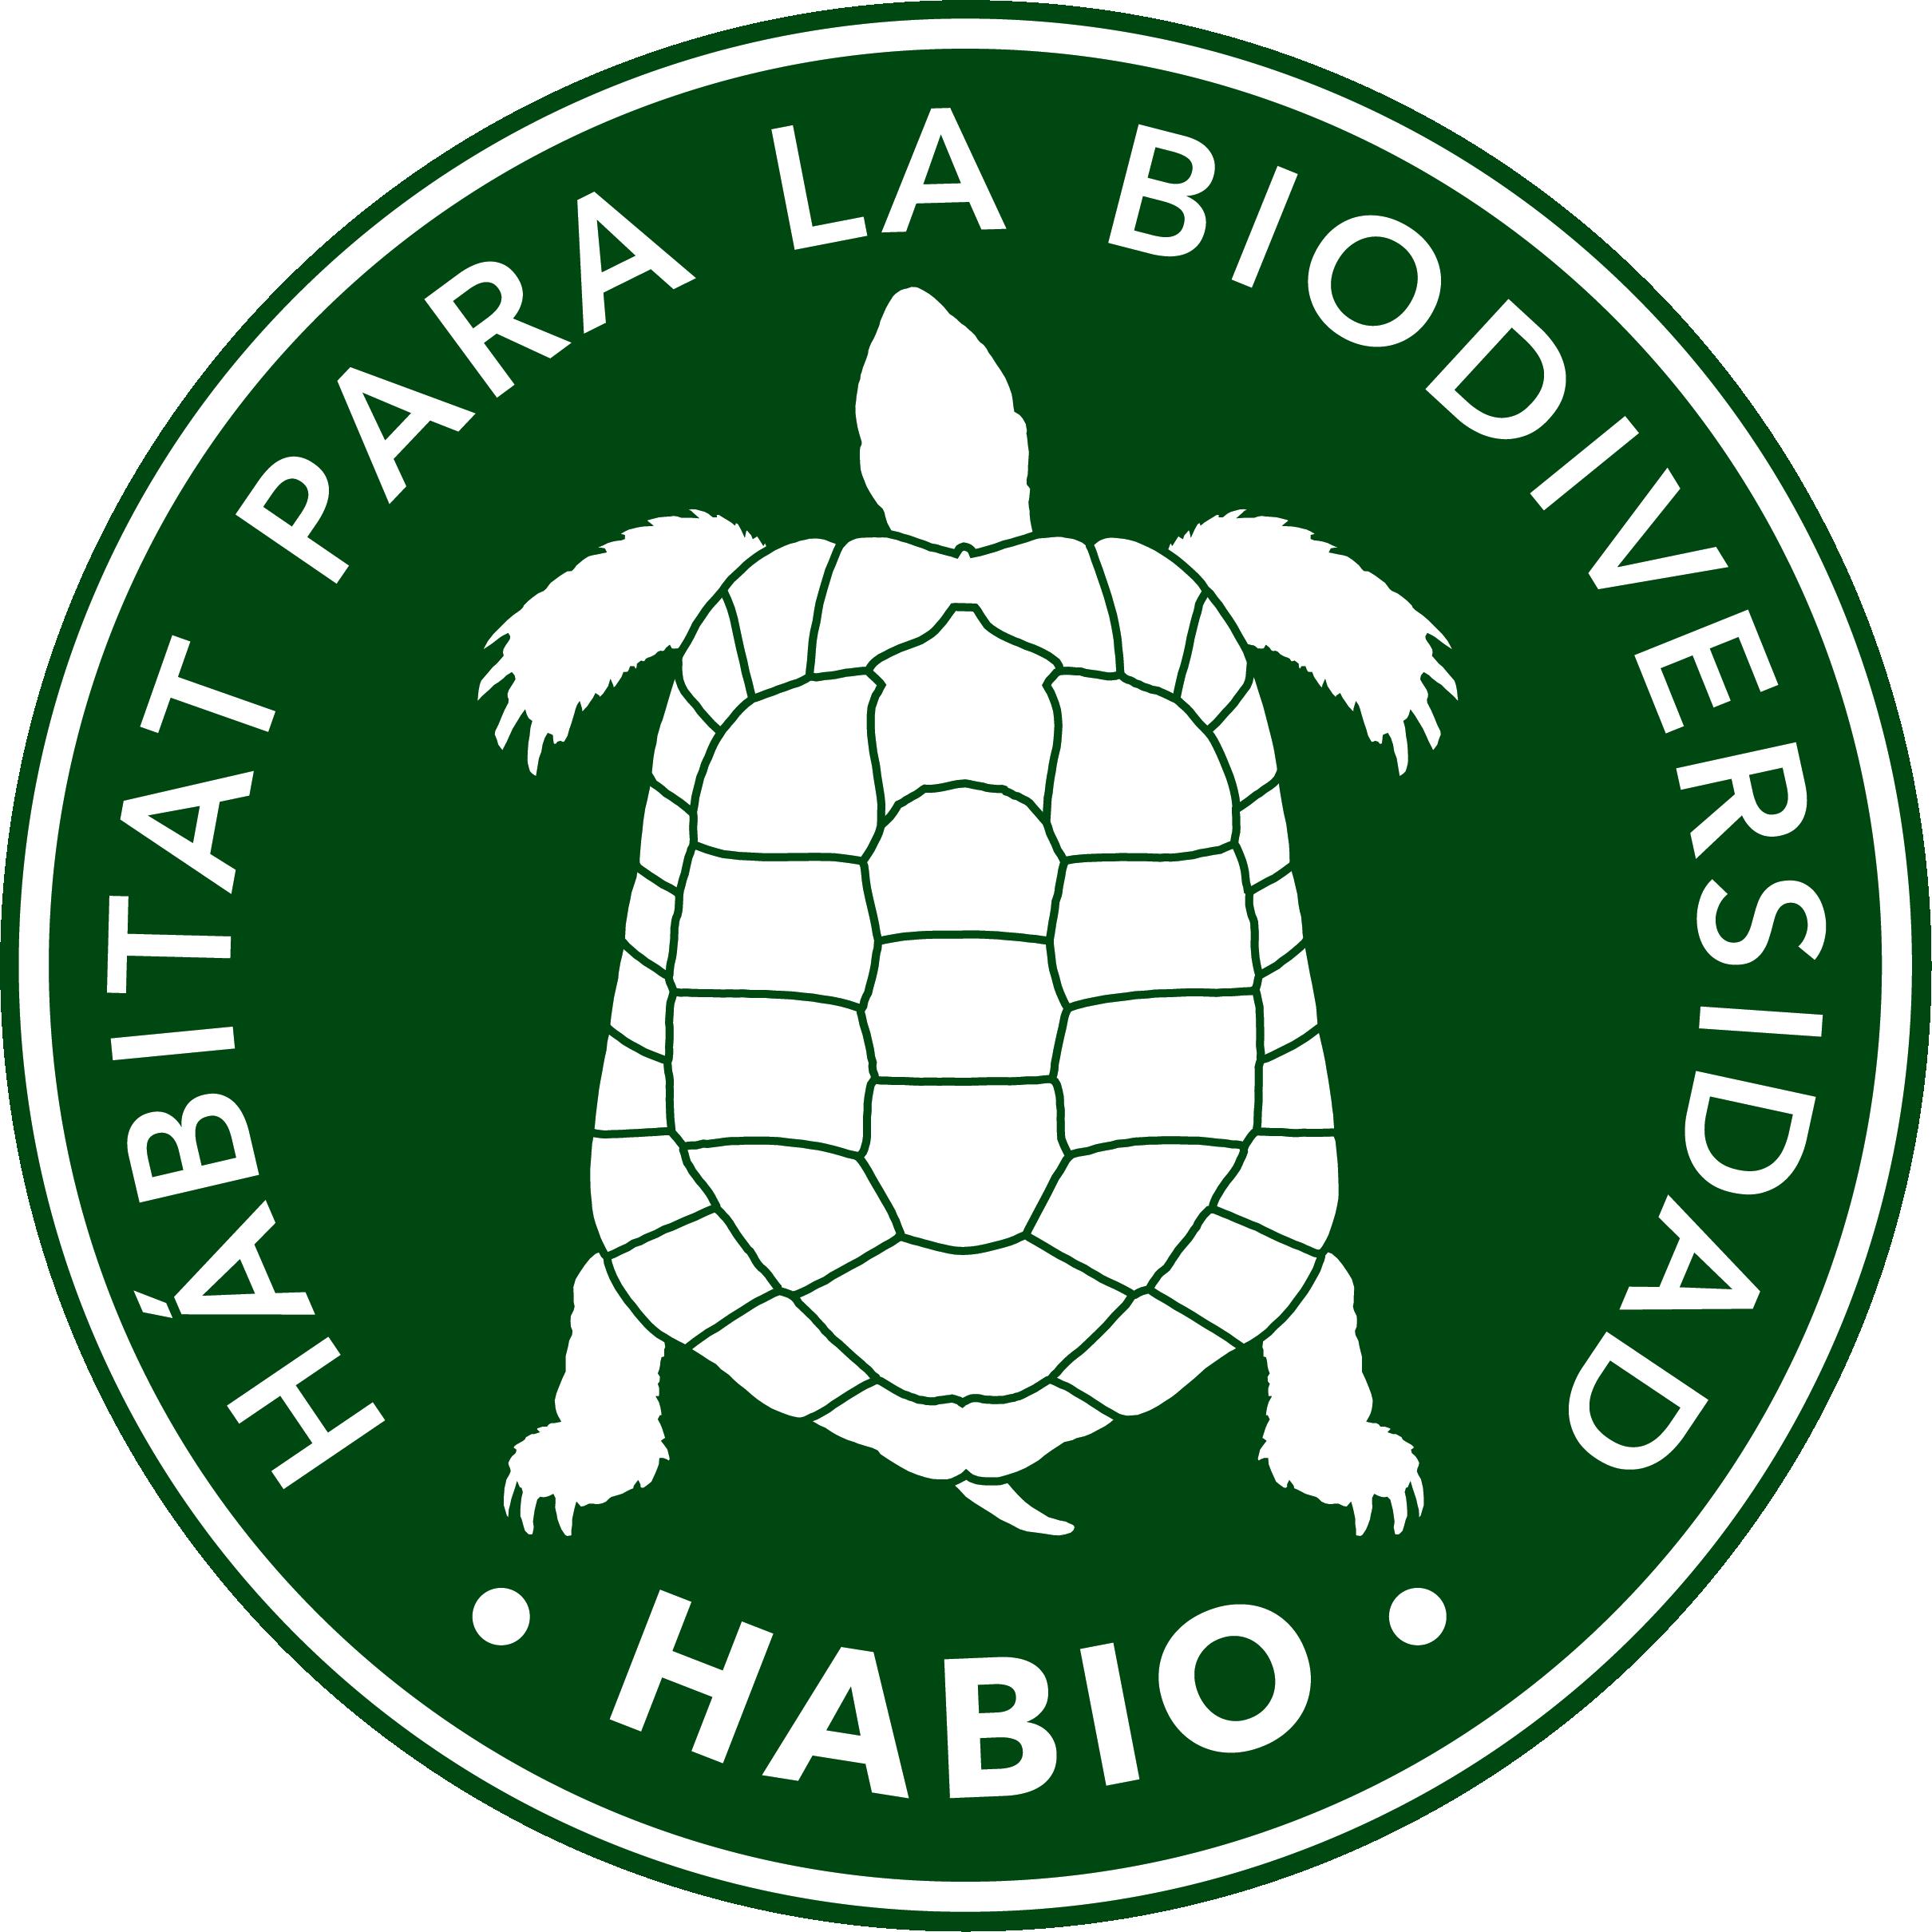 HABIO